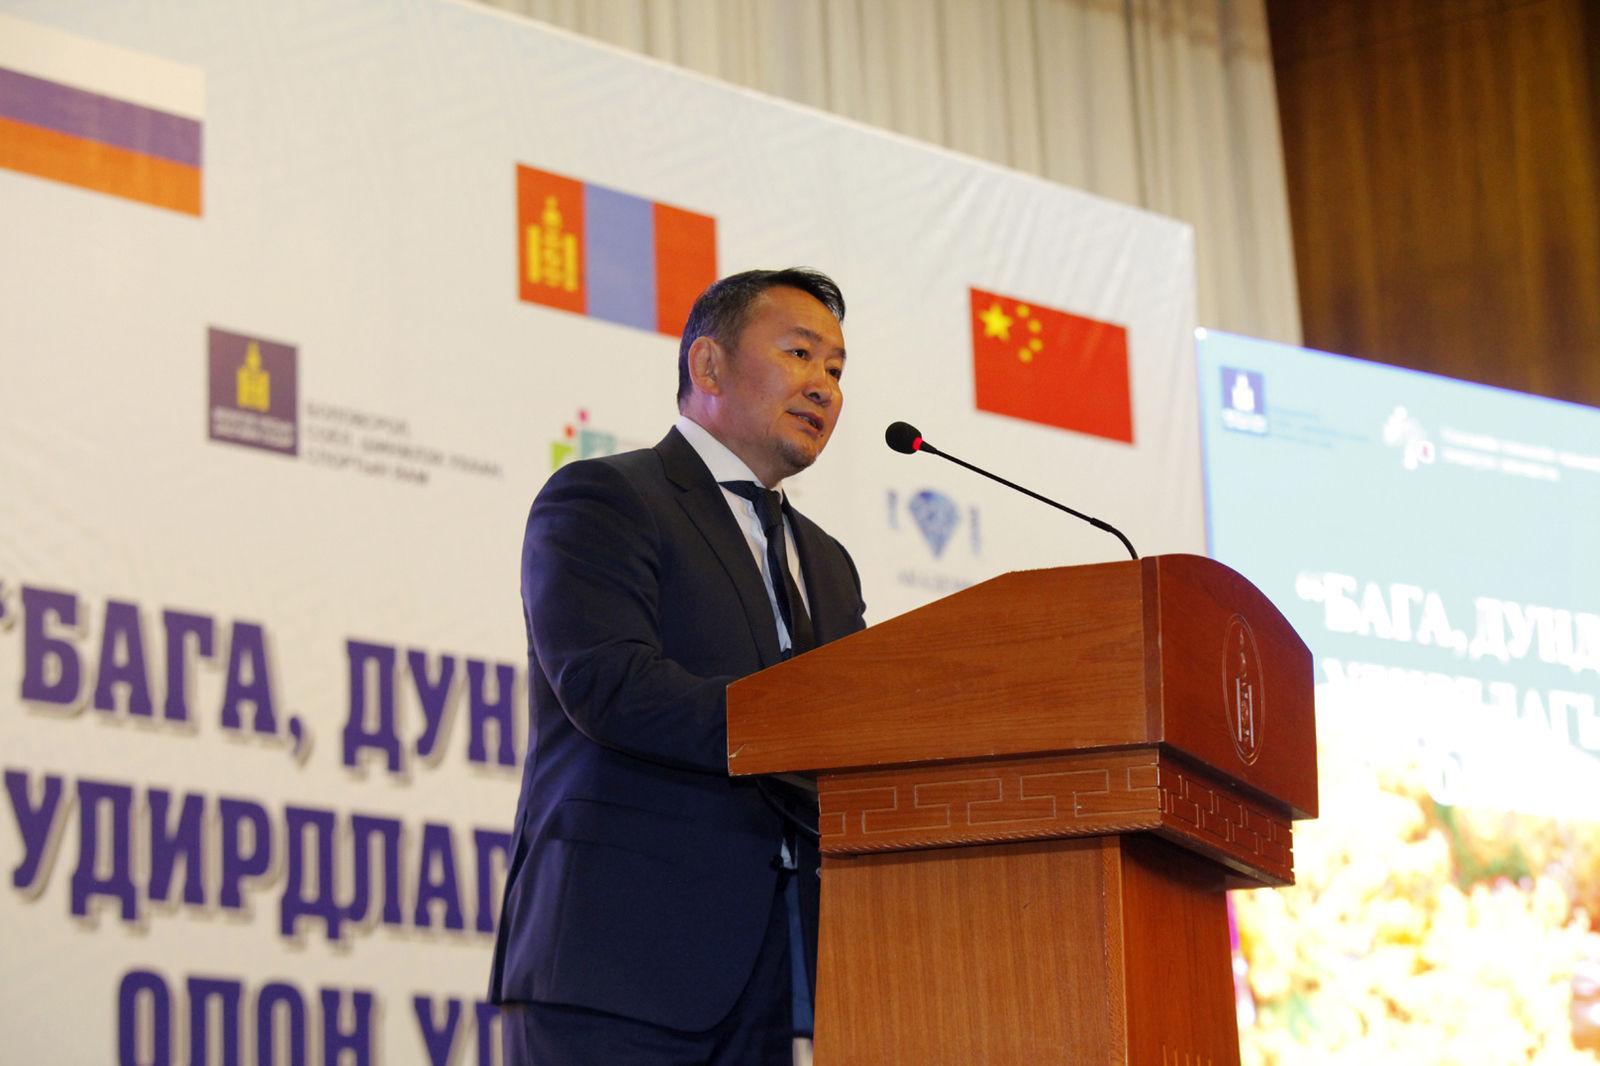 Монгол Улсын Ерөнхийлөгч Х.Баттулга: Утаанаасаа салж байж улс орон хөгжинө